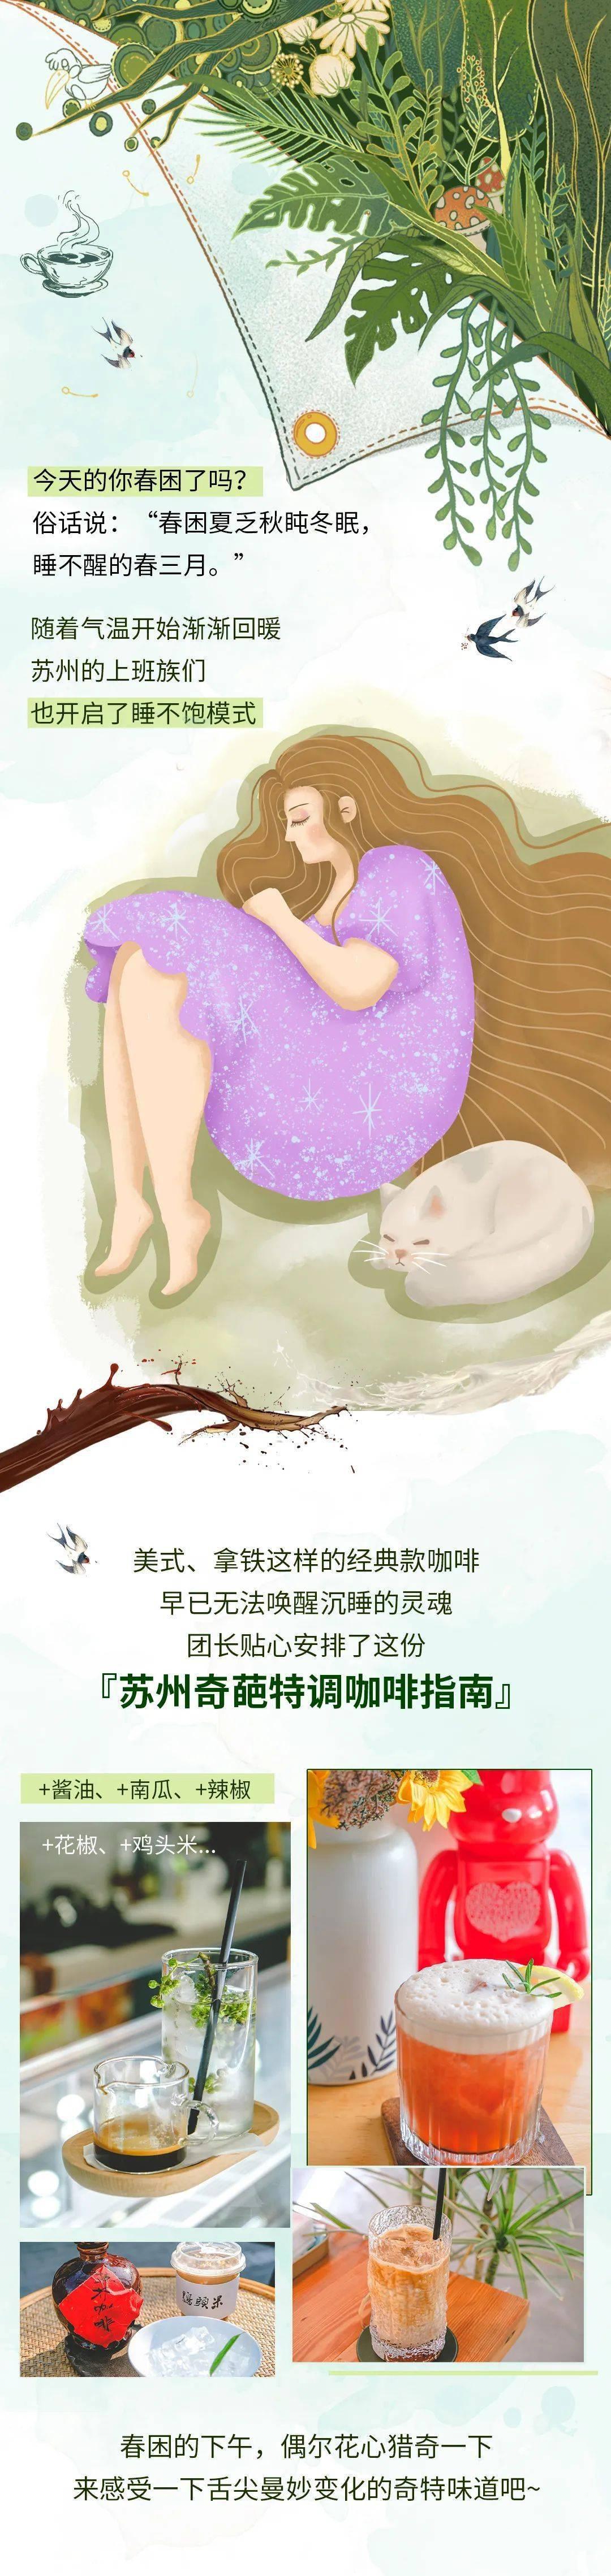 『苏州奇葩特调咖啡指南』,加酱油加辣椒加花椒...竟然有杯日销150+!